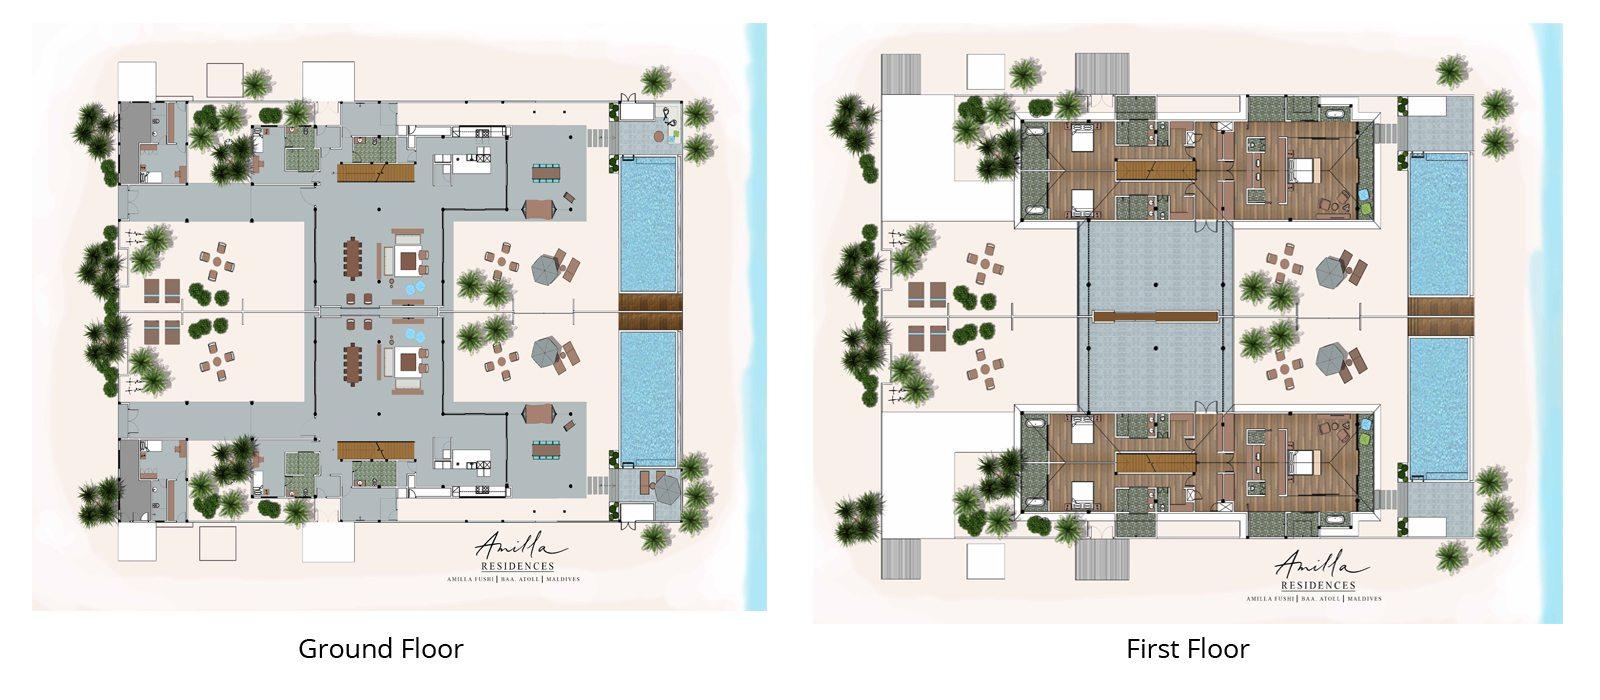 Amilla Villa Residences Floorplan | Baa Atoll, Maldives